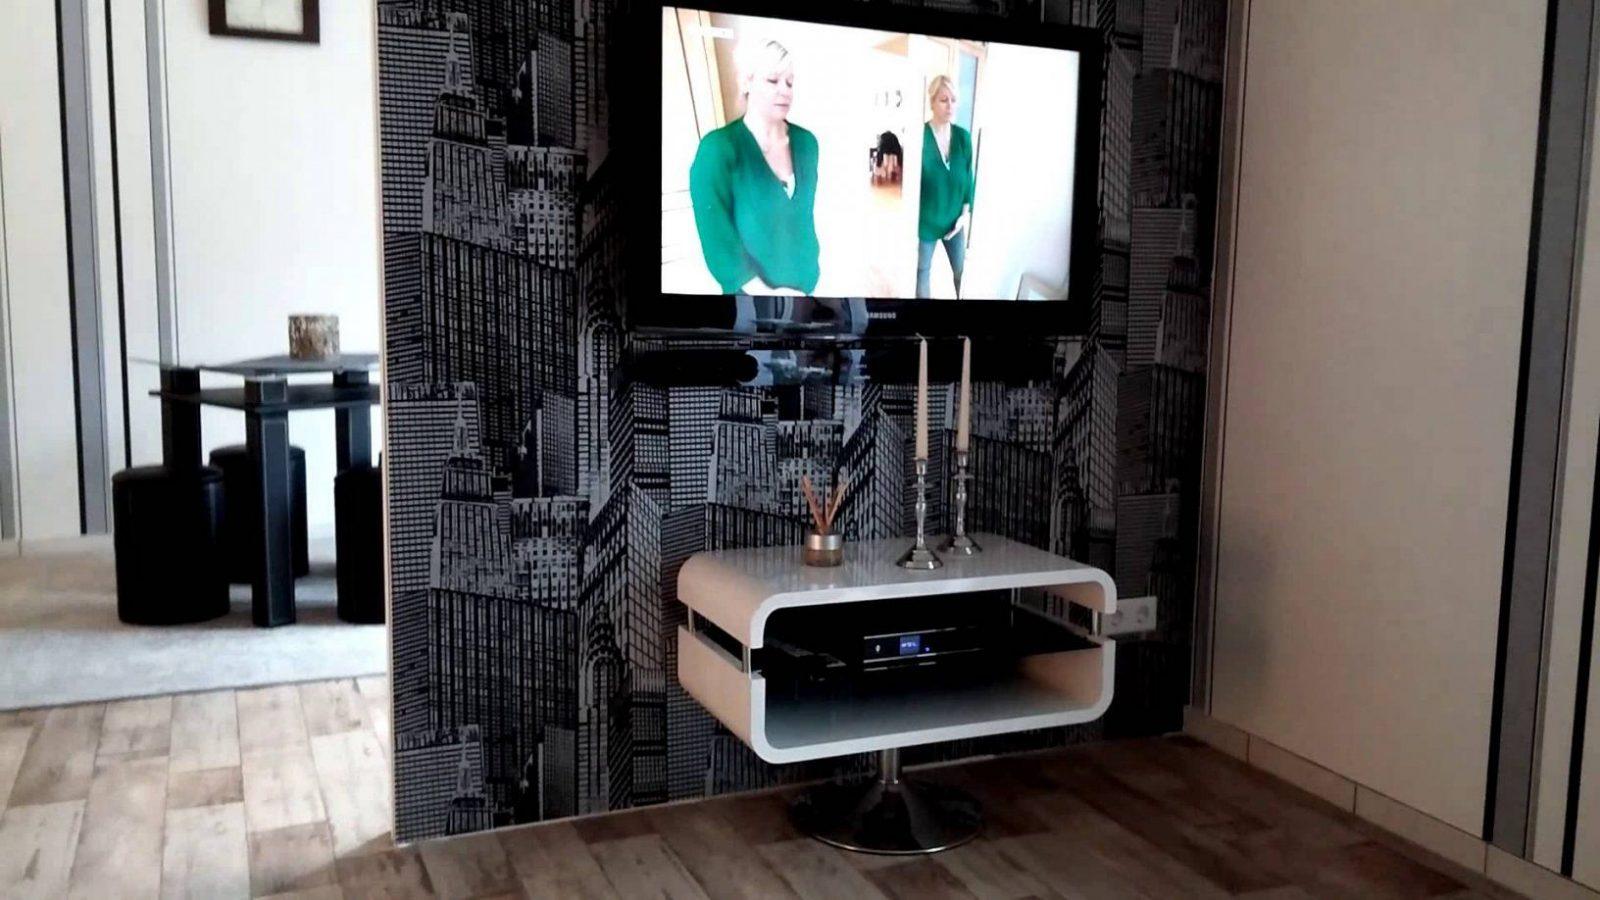 Tv Wand Raumteiler  Youtube von Raumteiler Wand Selber Bauen Photo